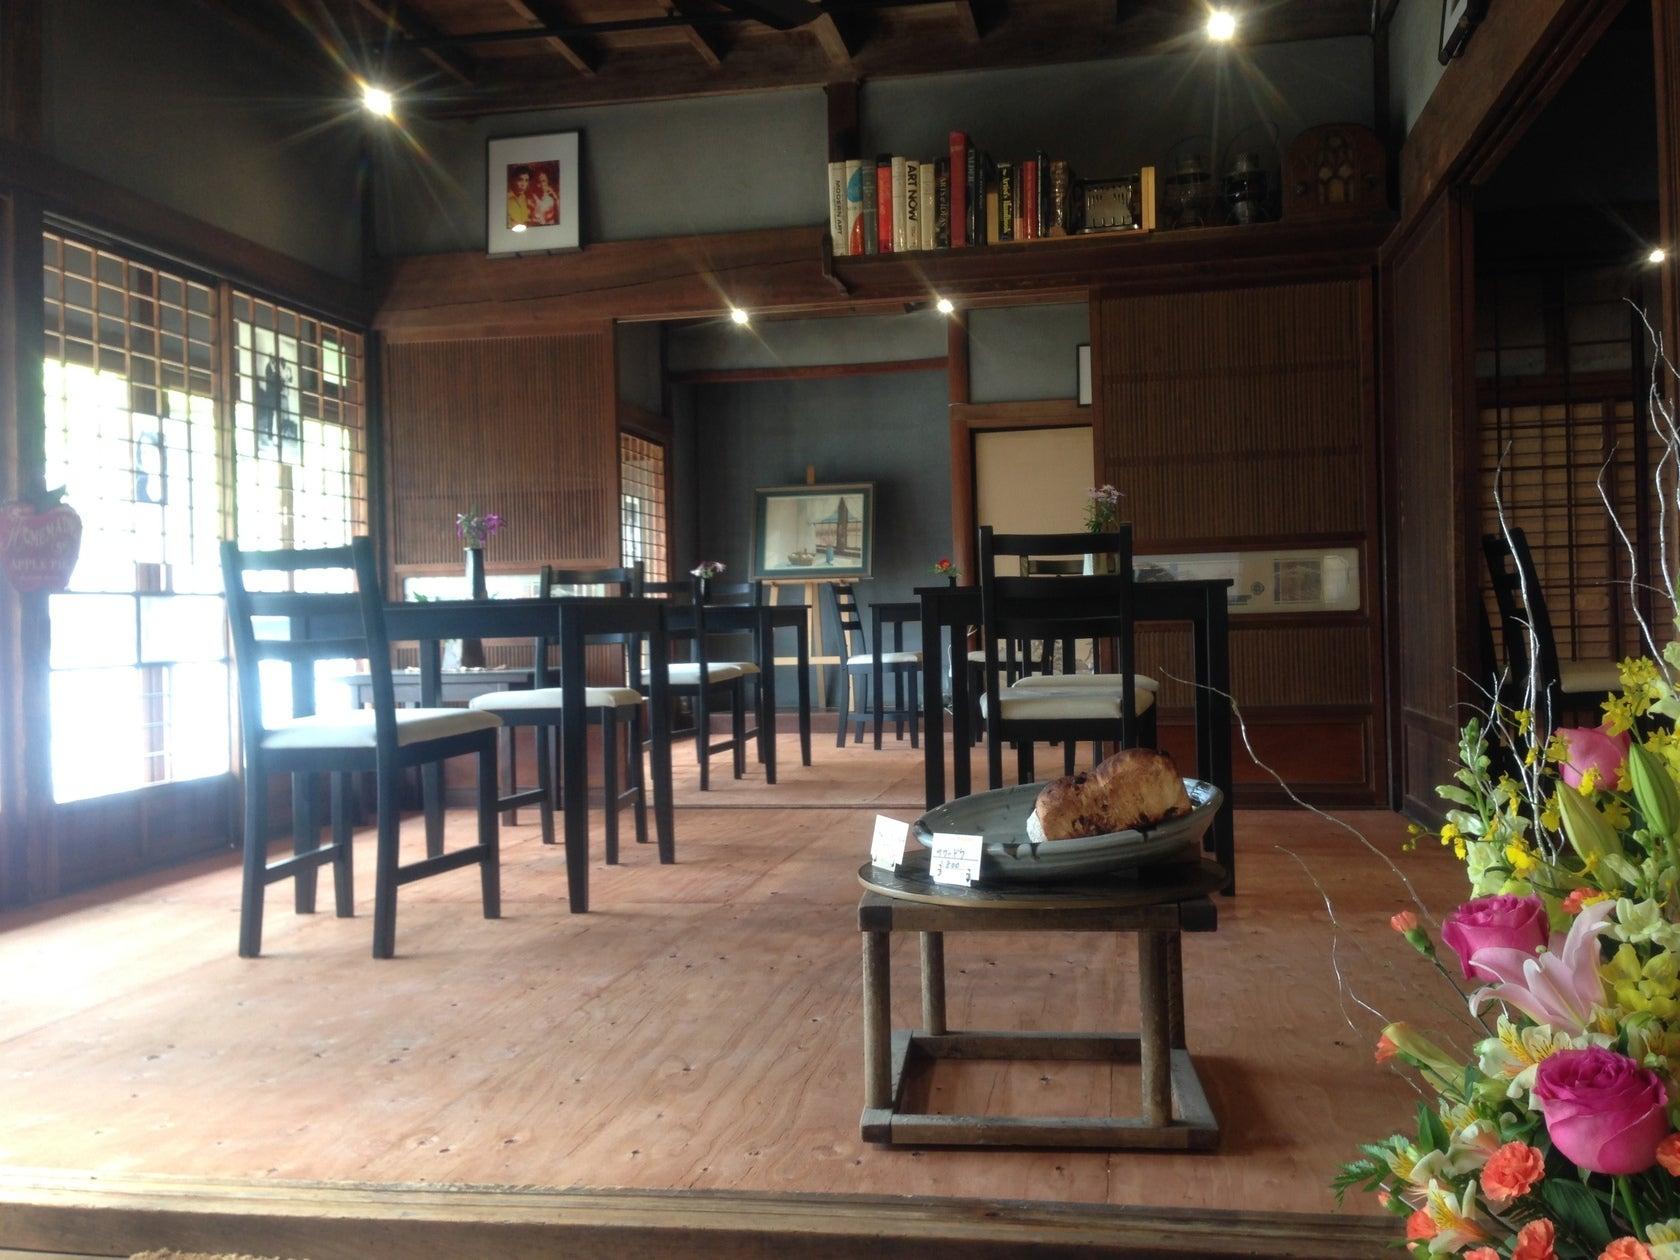 築約100年の民家 ゆったりとした時間が過ごせるくつろぎの和洋折衷カフェ(Ke-yaki Kitchen) の写真0